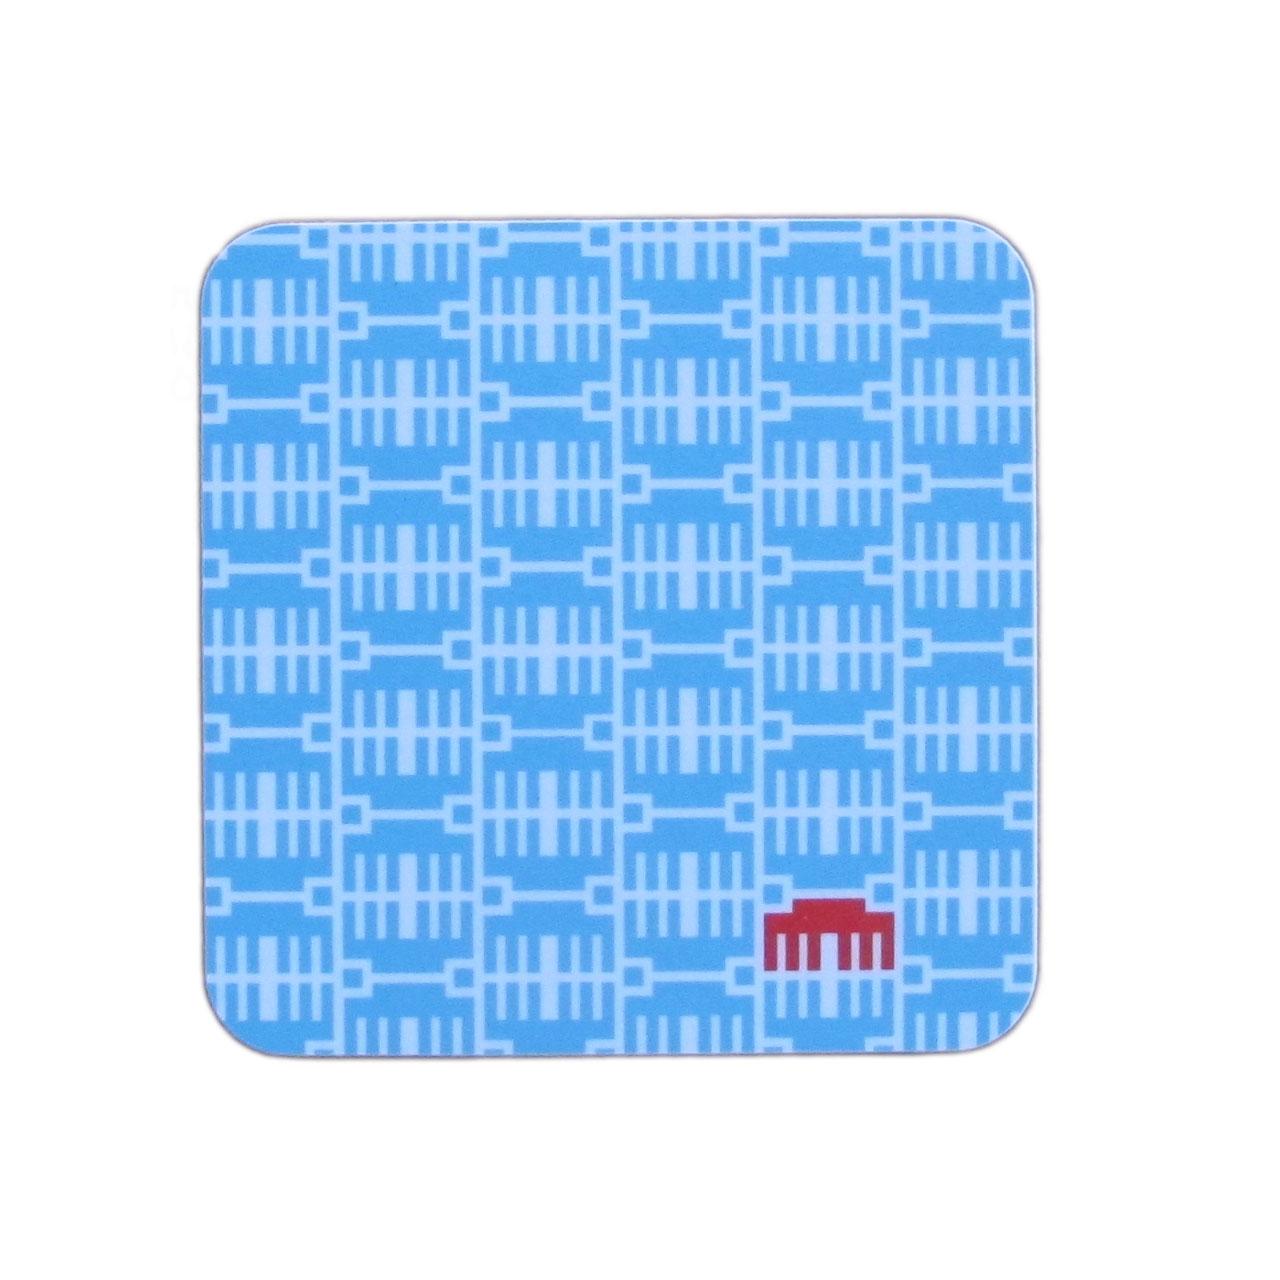 1x Berlin Coaster / Untersetzer Brandenburger Tor blau